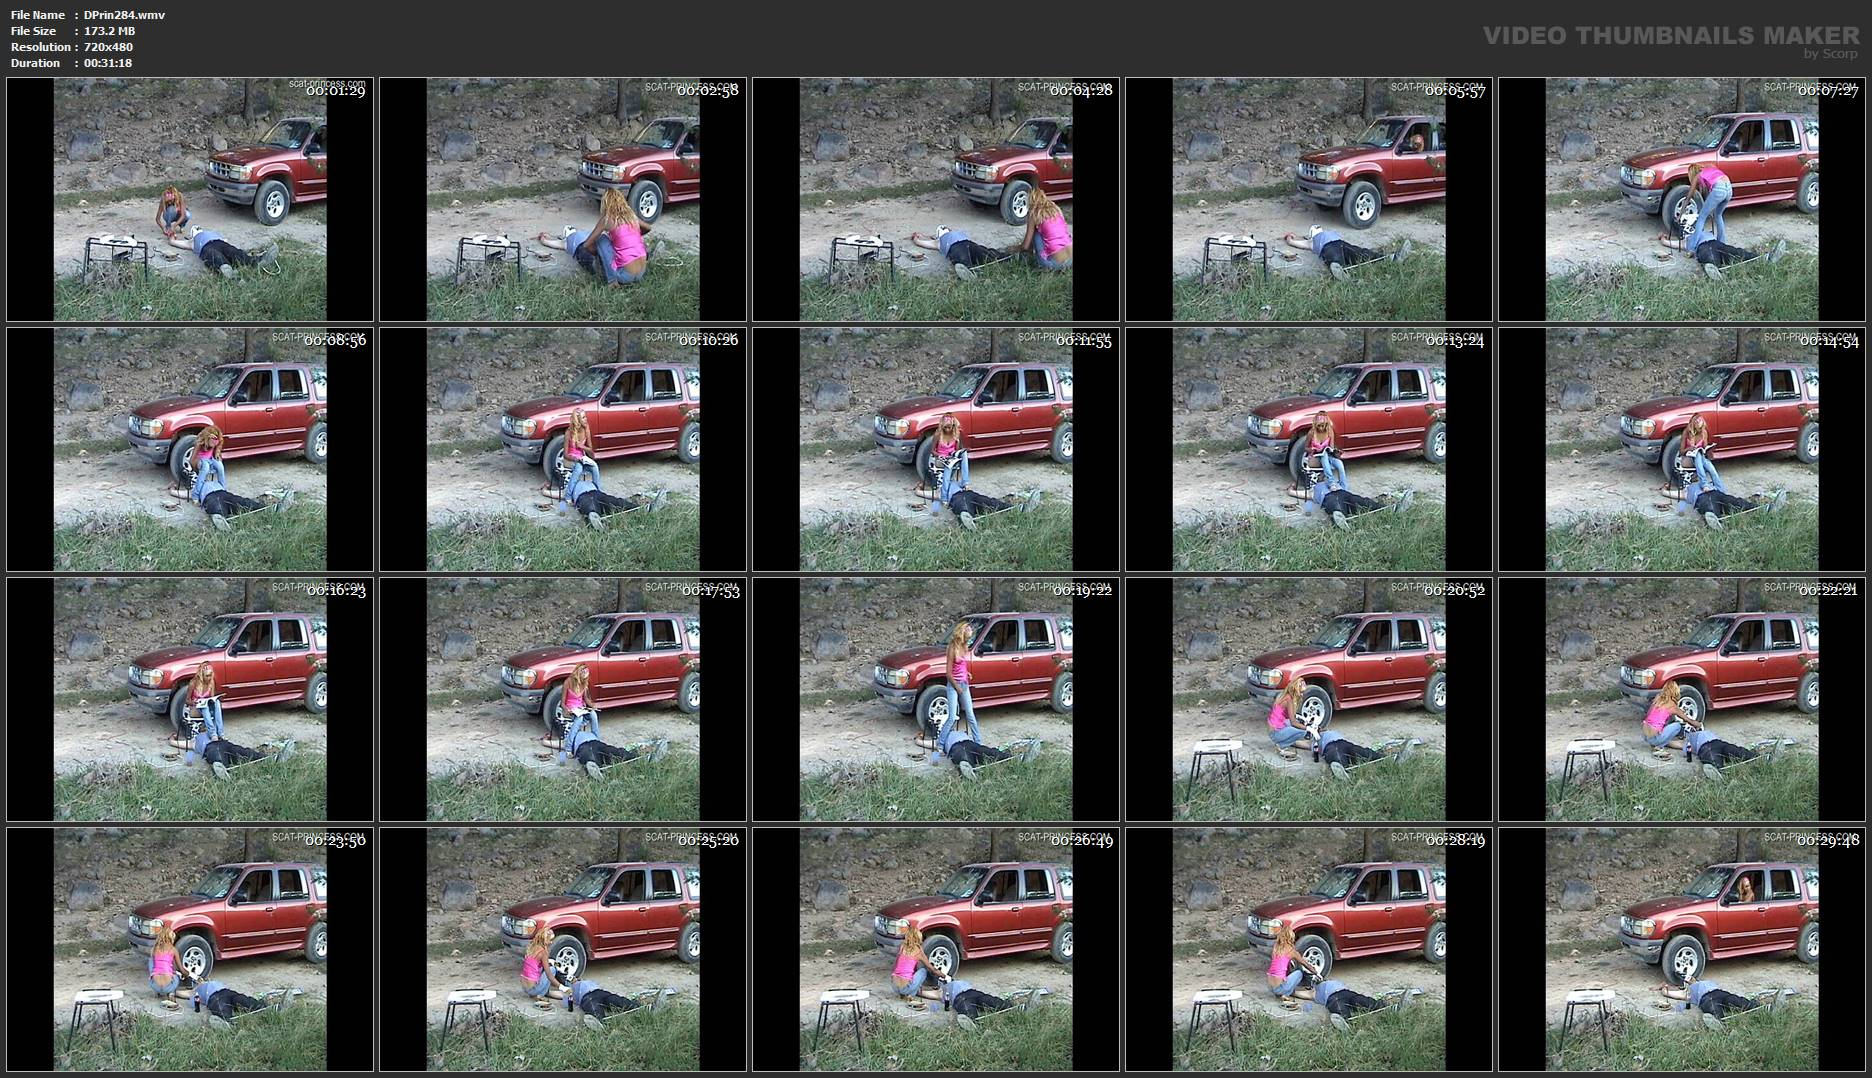 [DOM-PRINCESS] Chrystal Car 2 SONY [SD][480p][WMV]